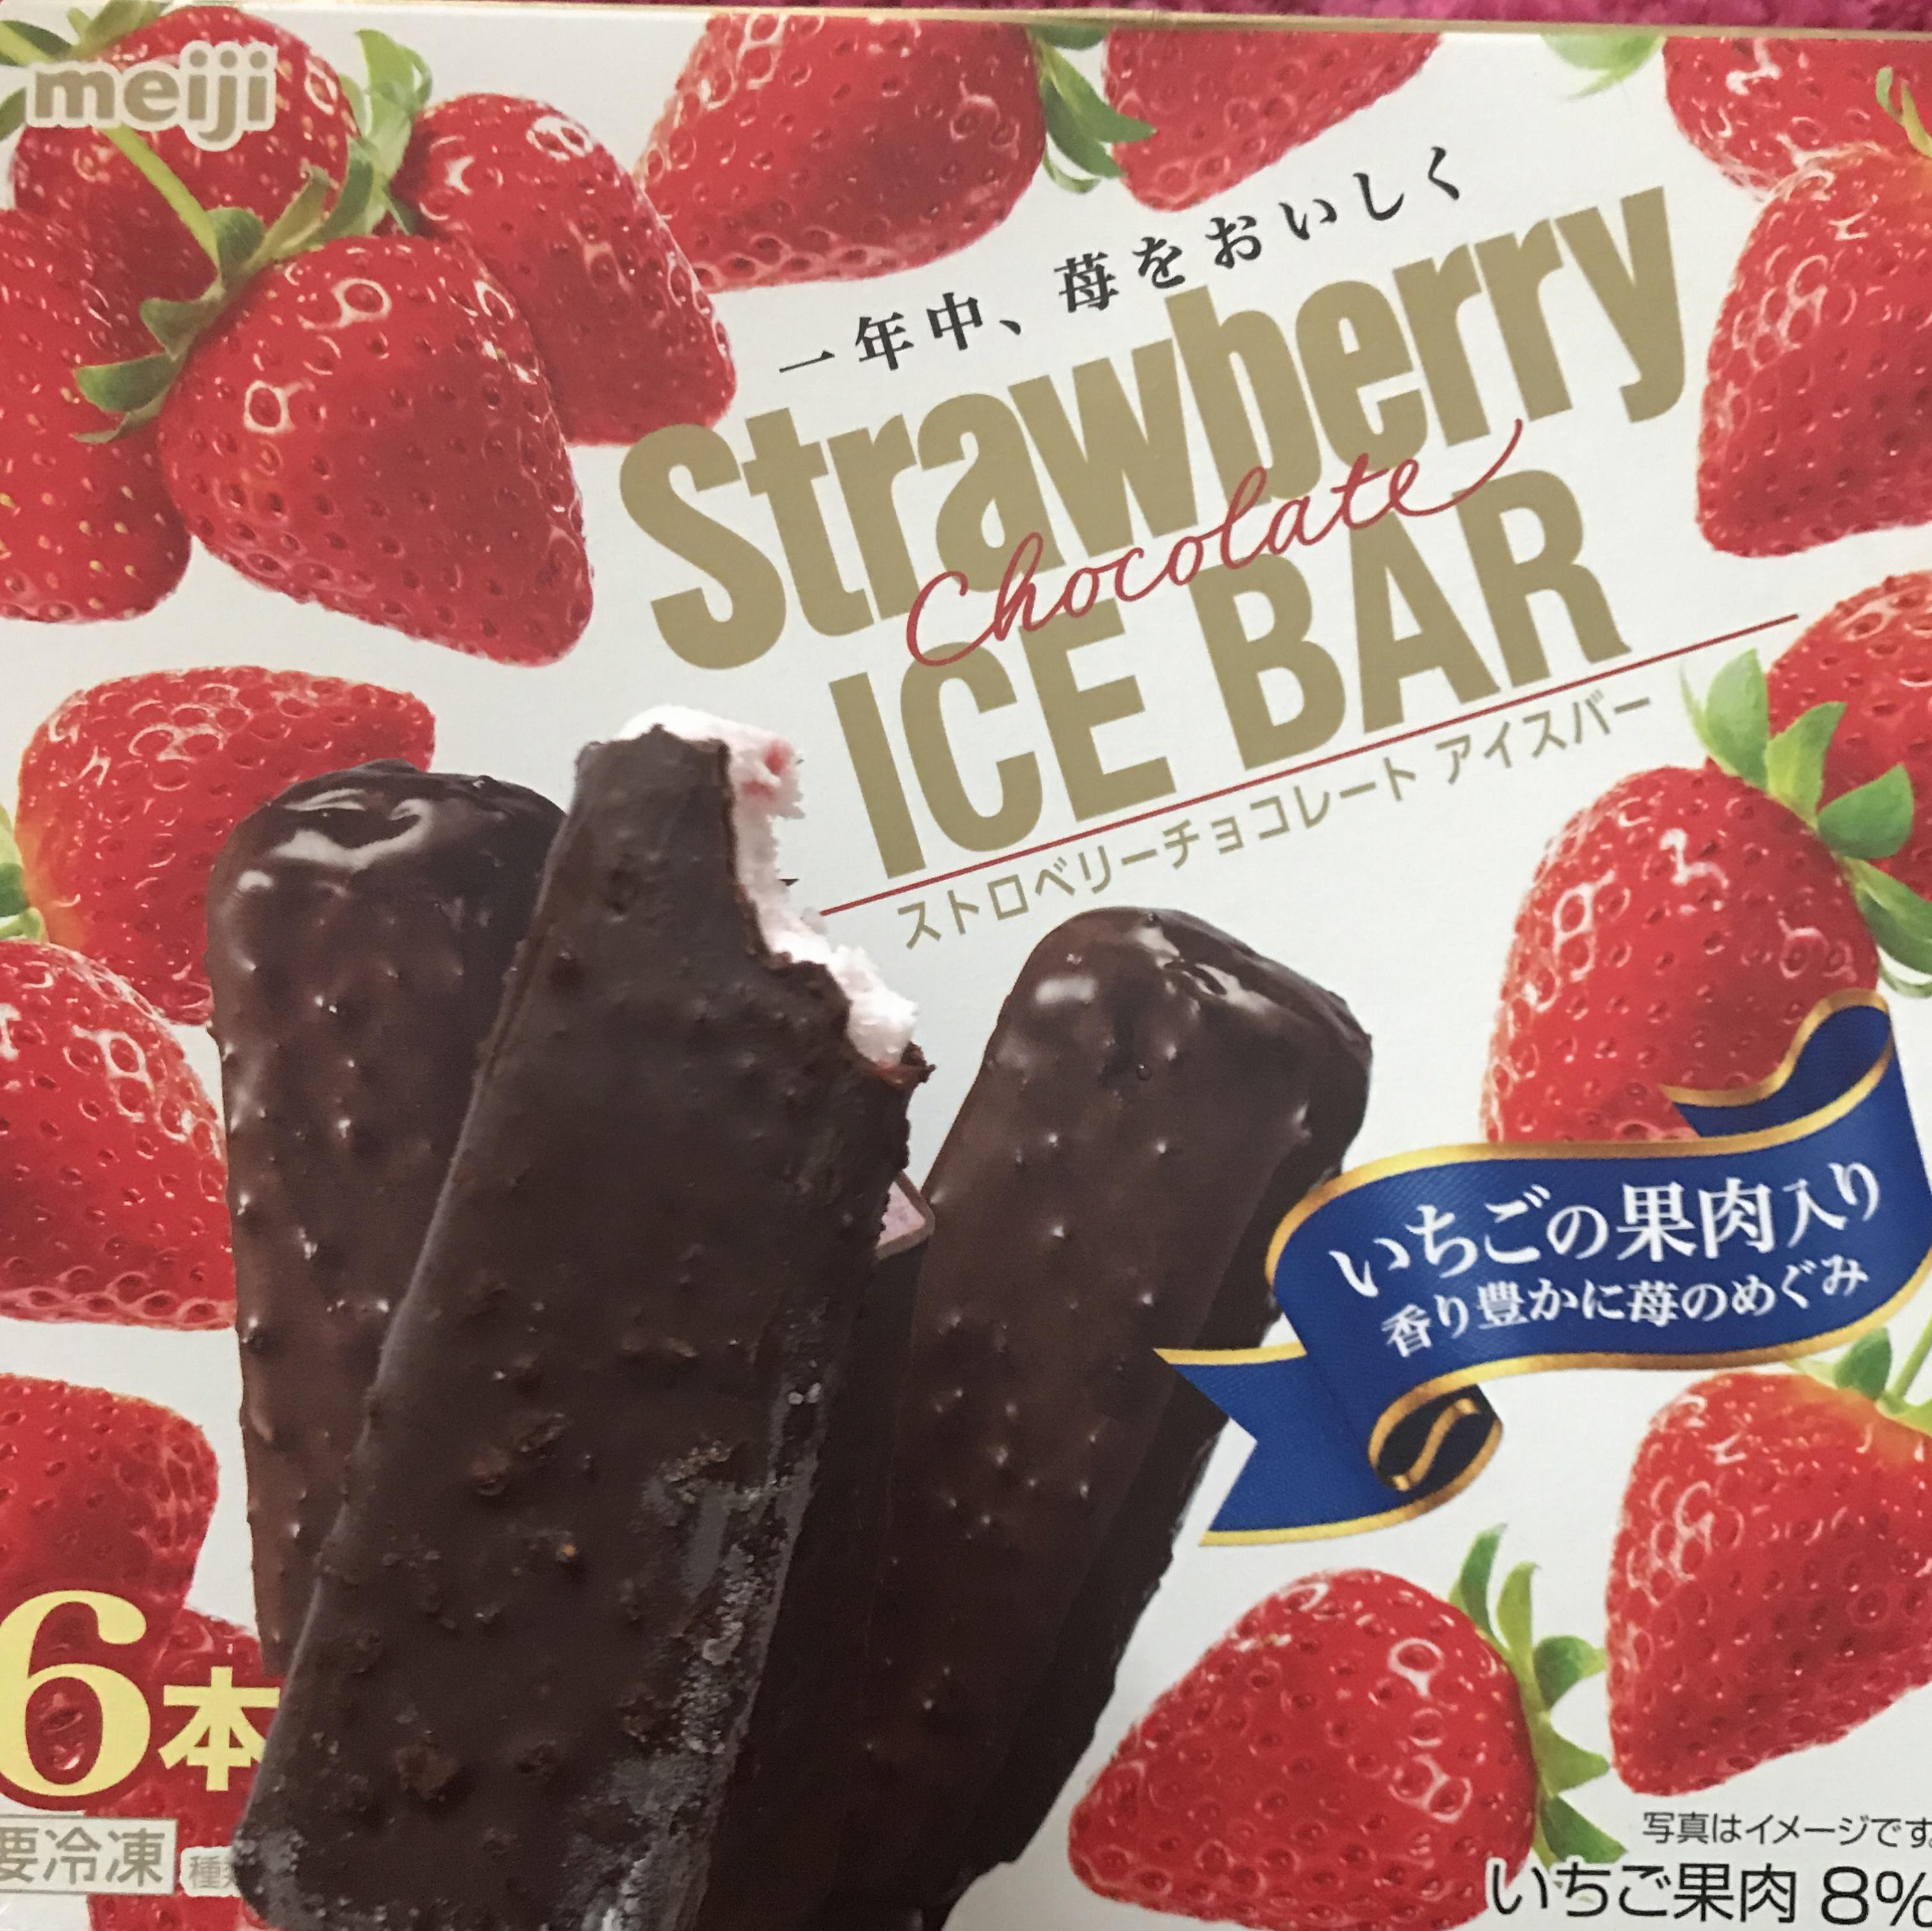 【FOOD】お気に入りのアイスが登場❤︎一度は食べて欲しいこれ!_1